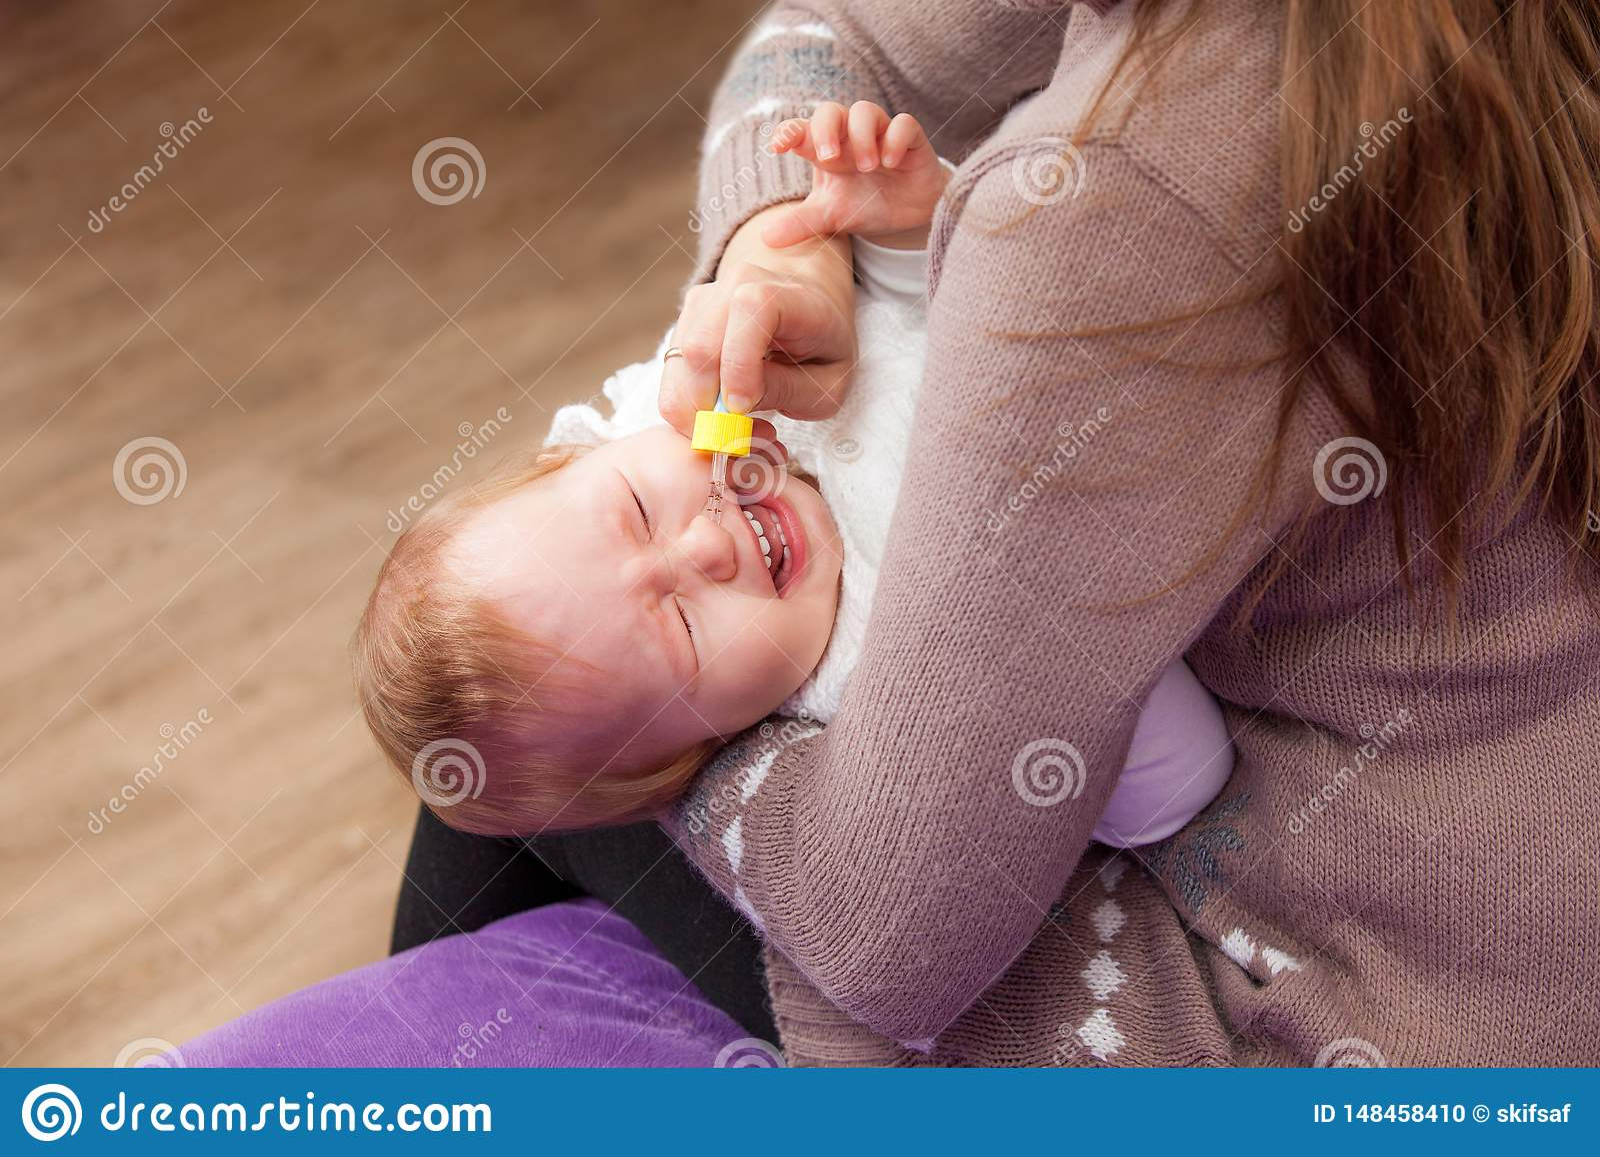 Kobieta kapie nosowe krople dziecko